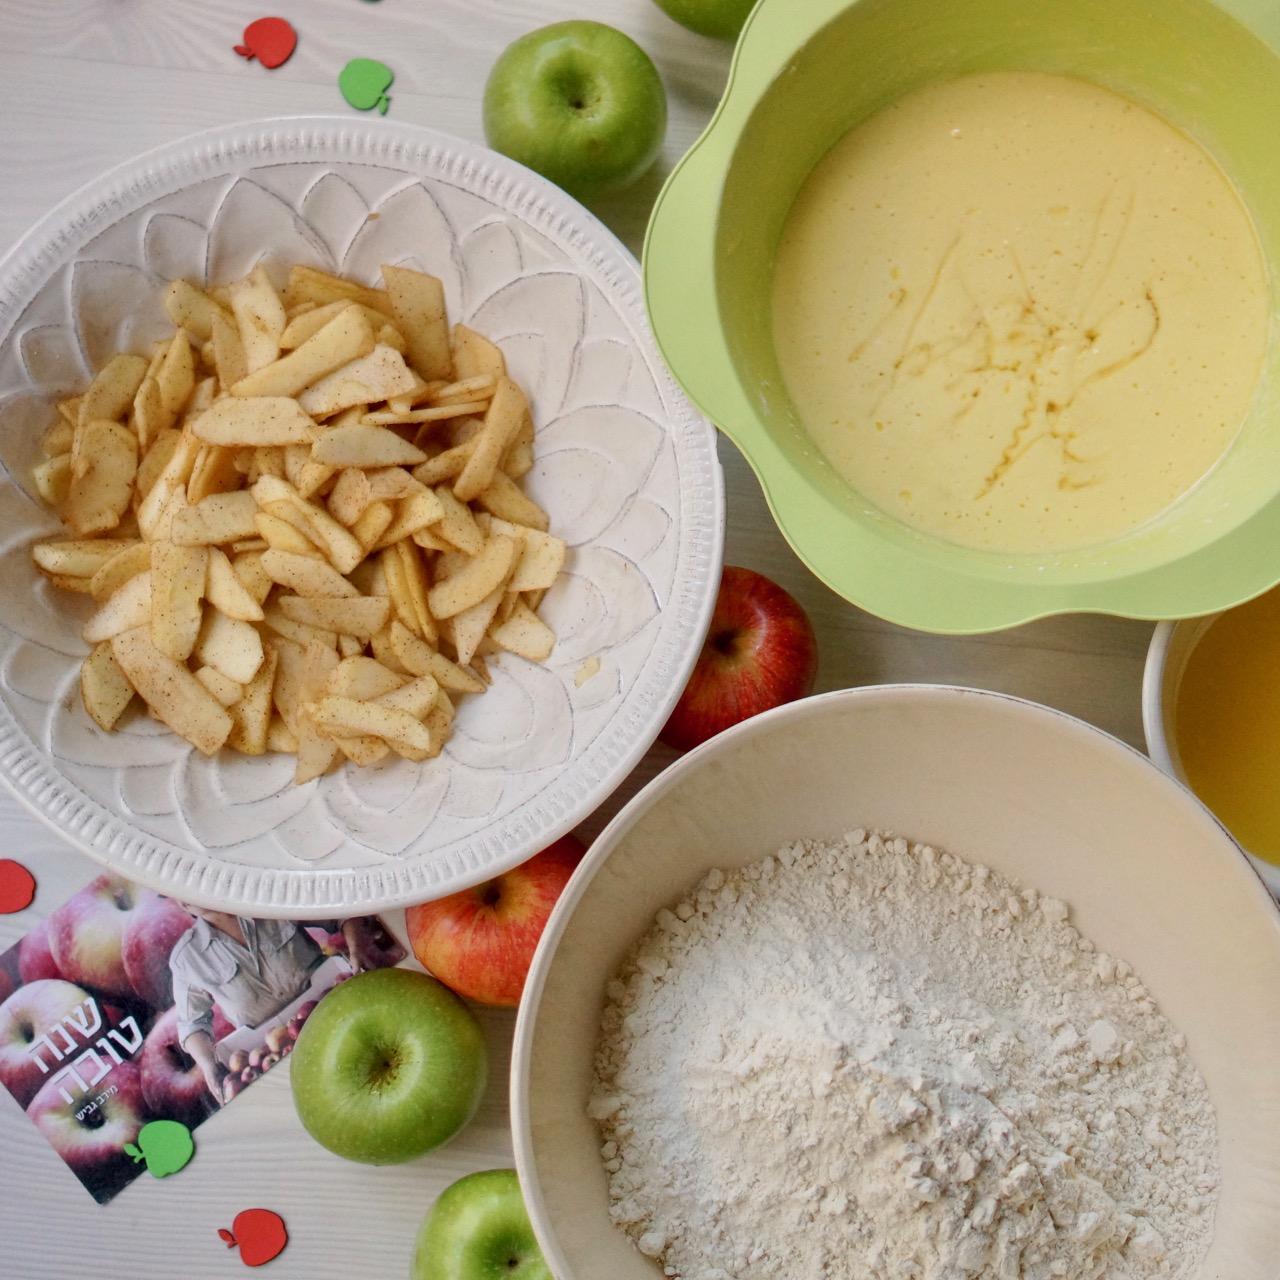 עוגת תפוחים בחושה בכל טוב,קערת יבשים, קערת נוזלים וקערת תפוחים מעורבבים עם קינמון וסוכר. גבישס, בלוג האוכל של מירב גביש